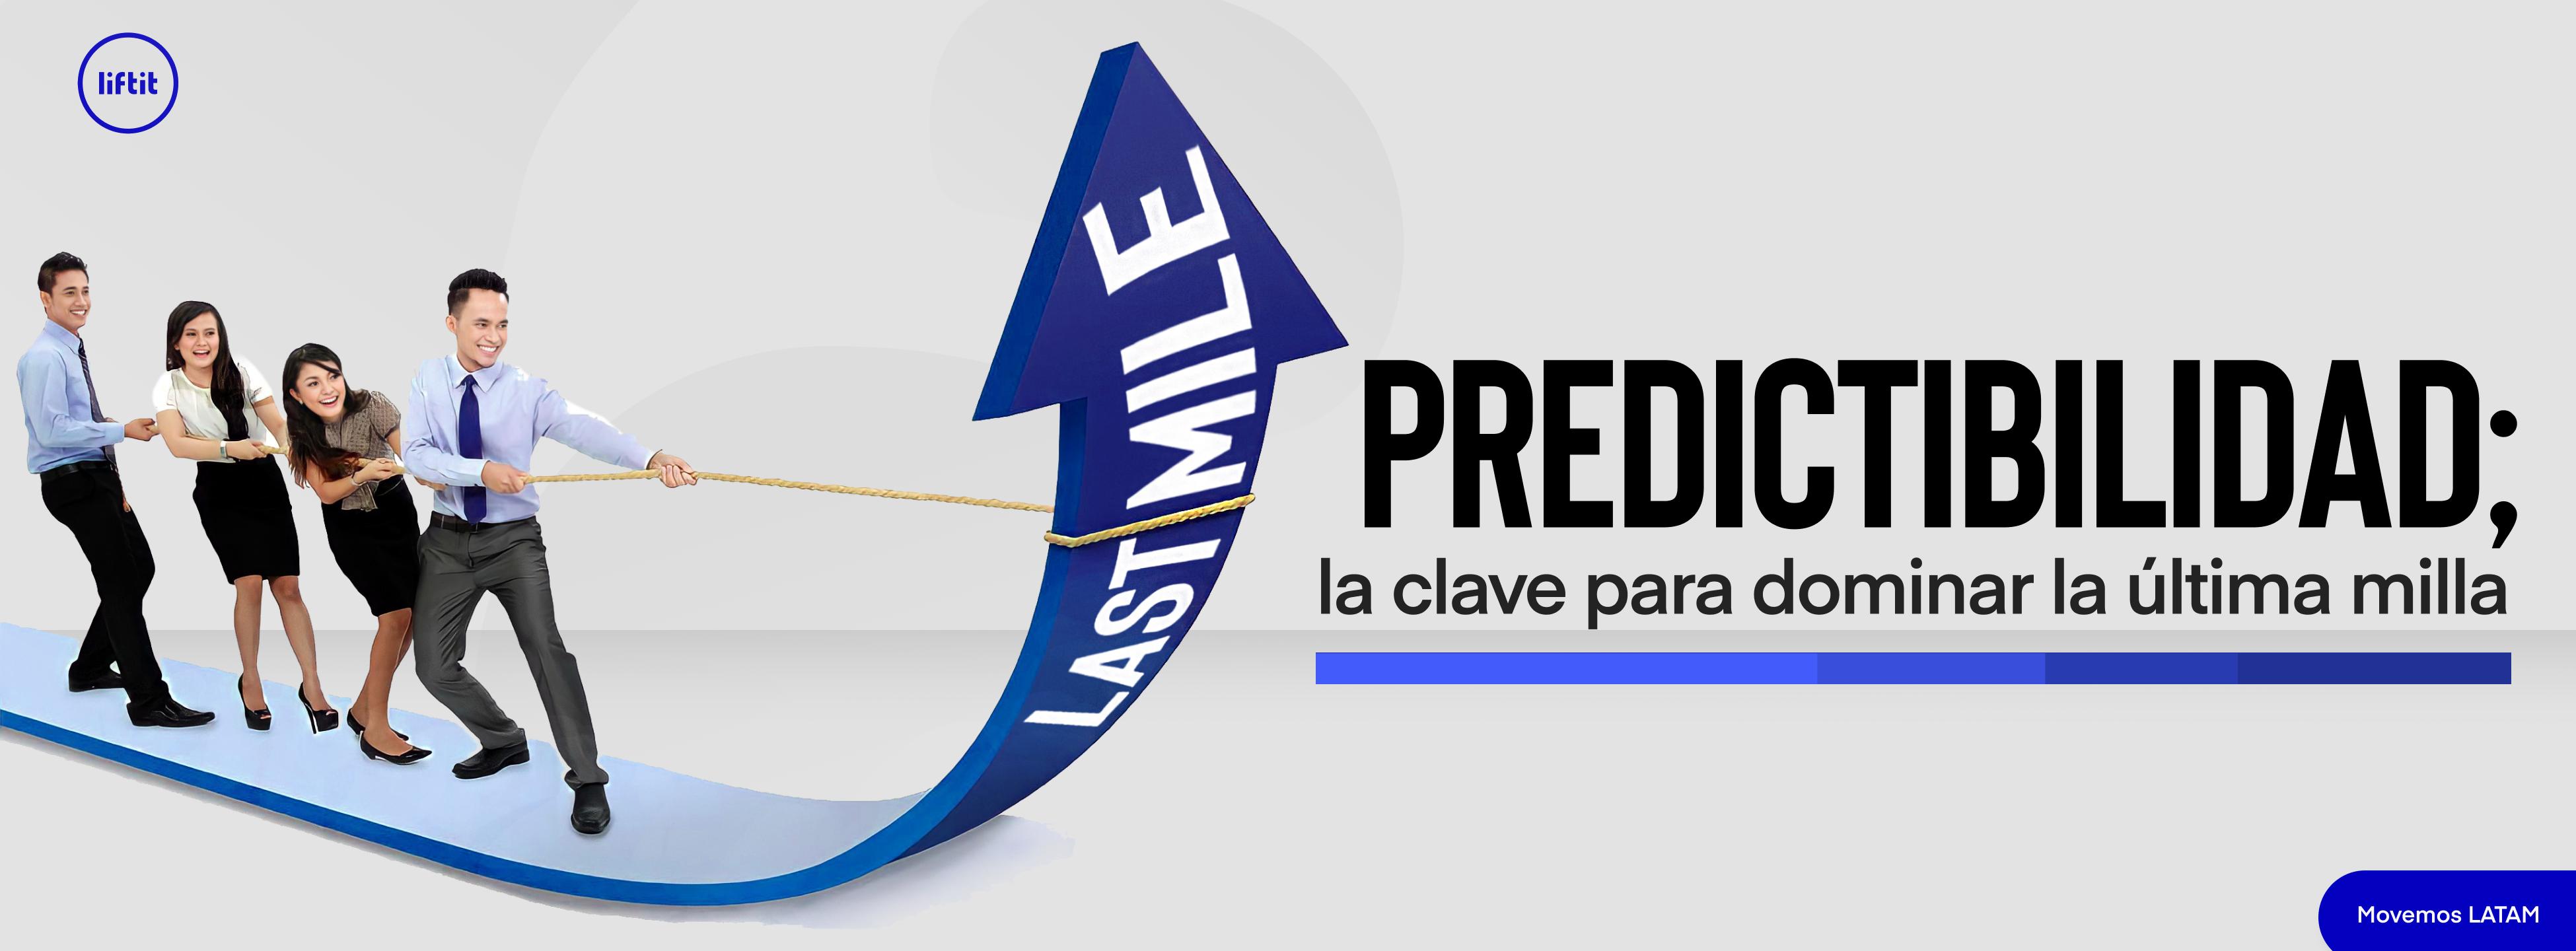 predictibilidad; clave para dominar la última milla